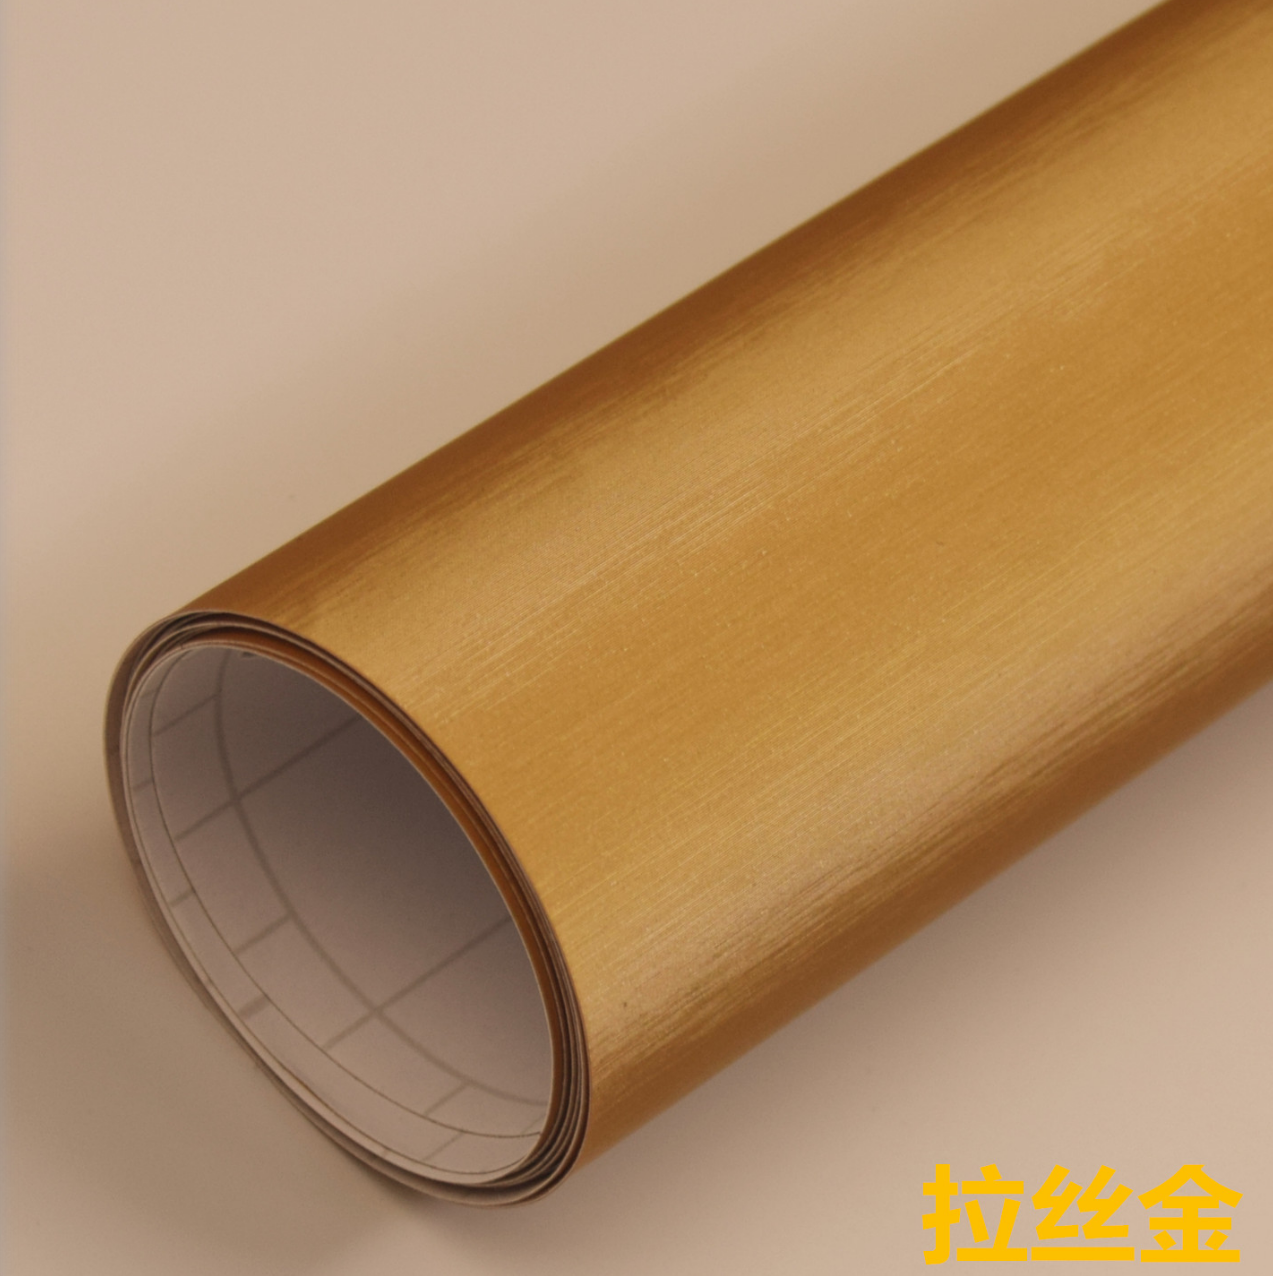 紡織品拉絲銀熱貼膜銷售 布料拉絲銀熱貼膜銷售